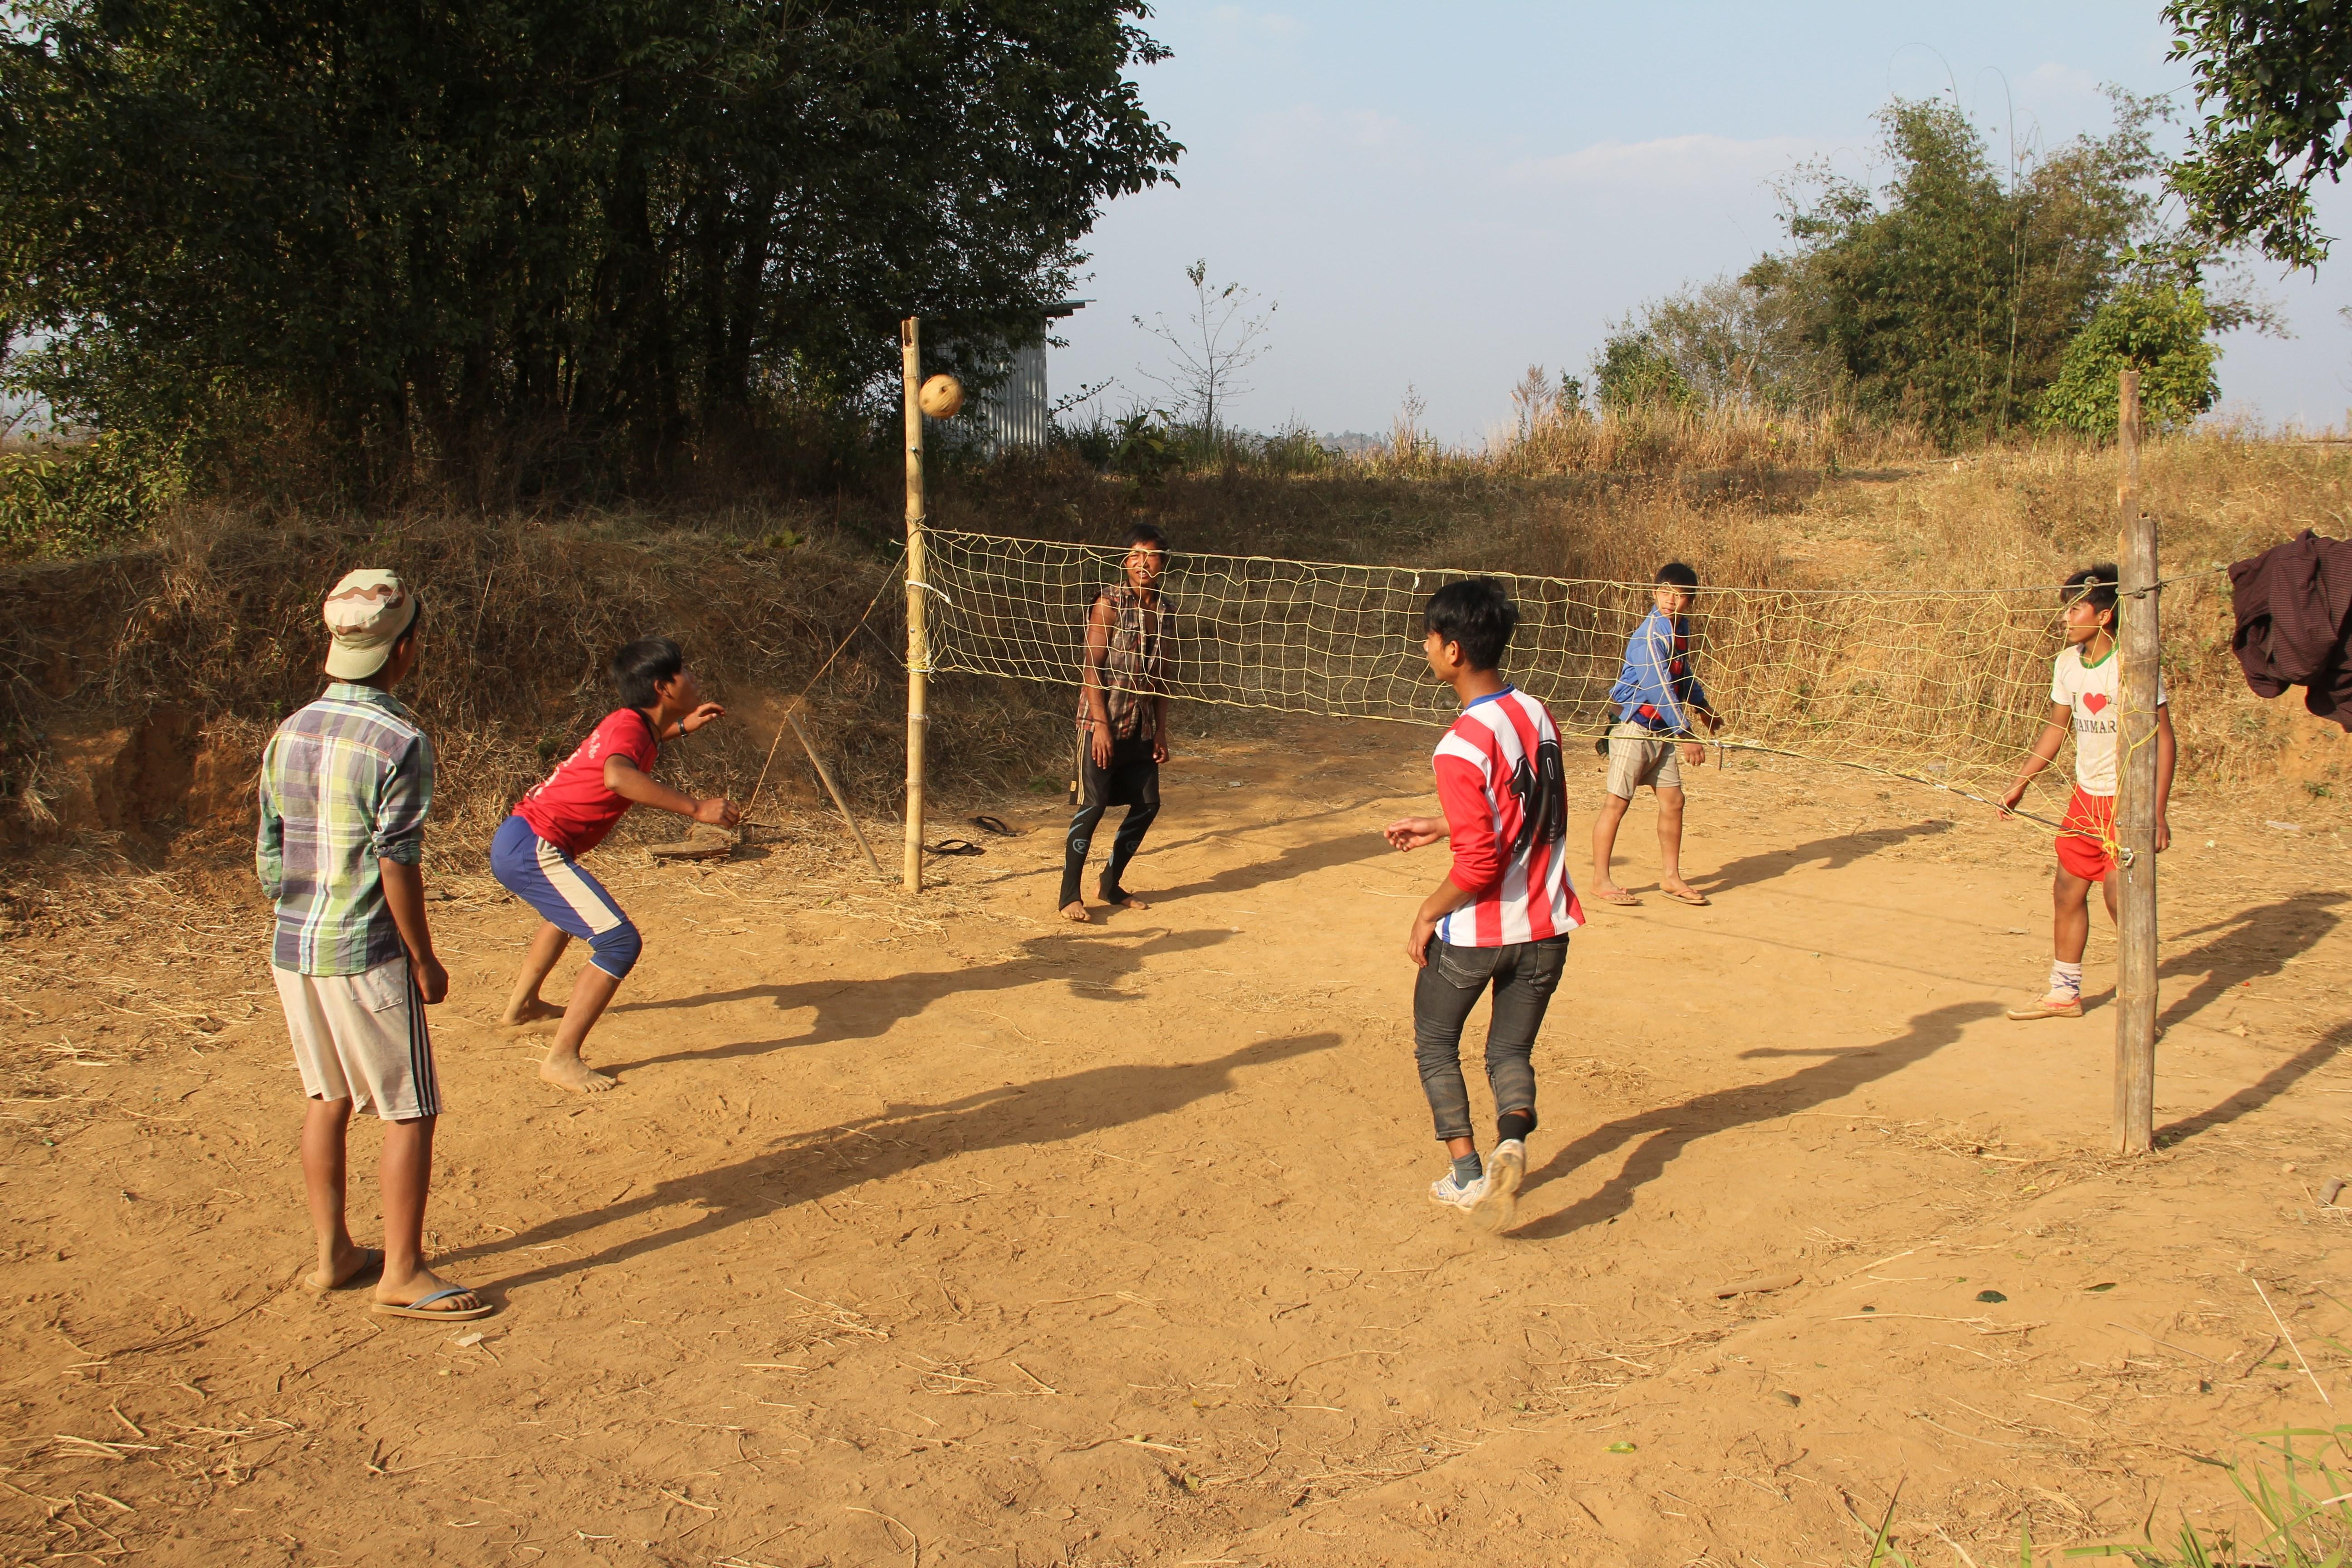 Une partie de chinlon, jeu traditionnel birman qui s'apparente au tennis-ballon, mais avec une petite balle en osier et un filet de badminton (© Jérôme Decoster).